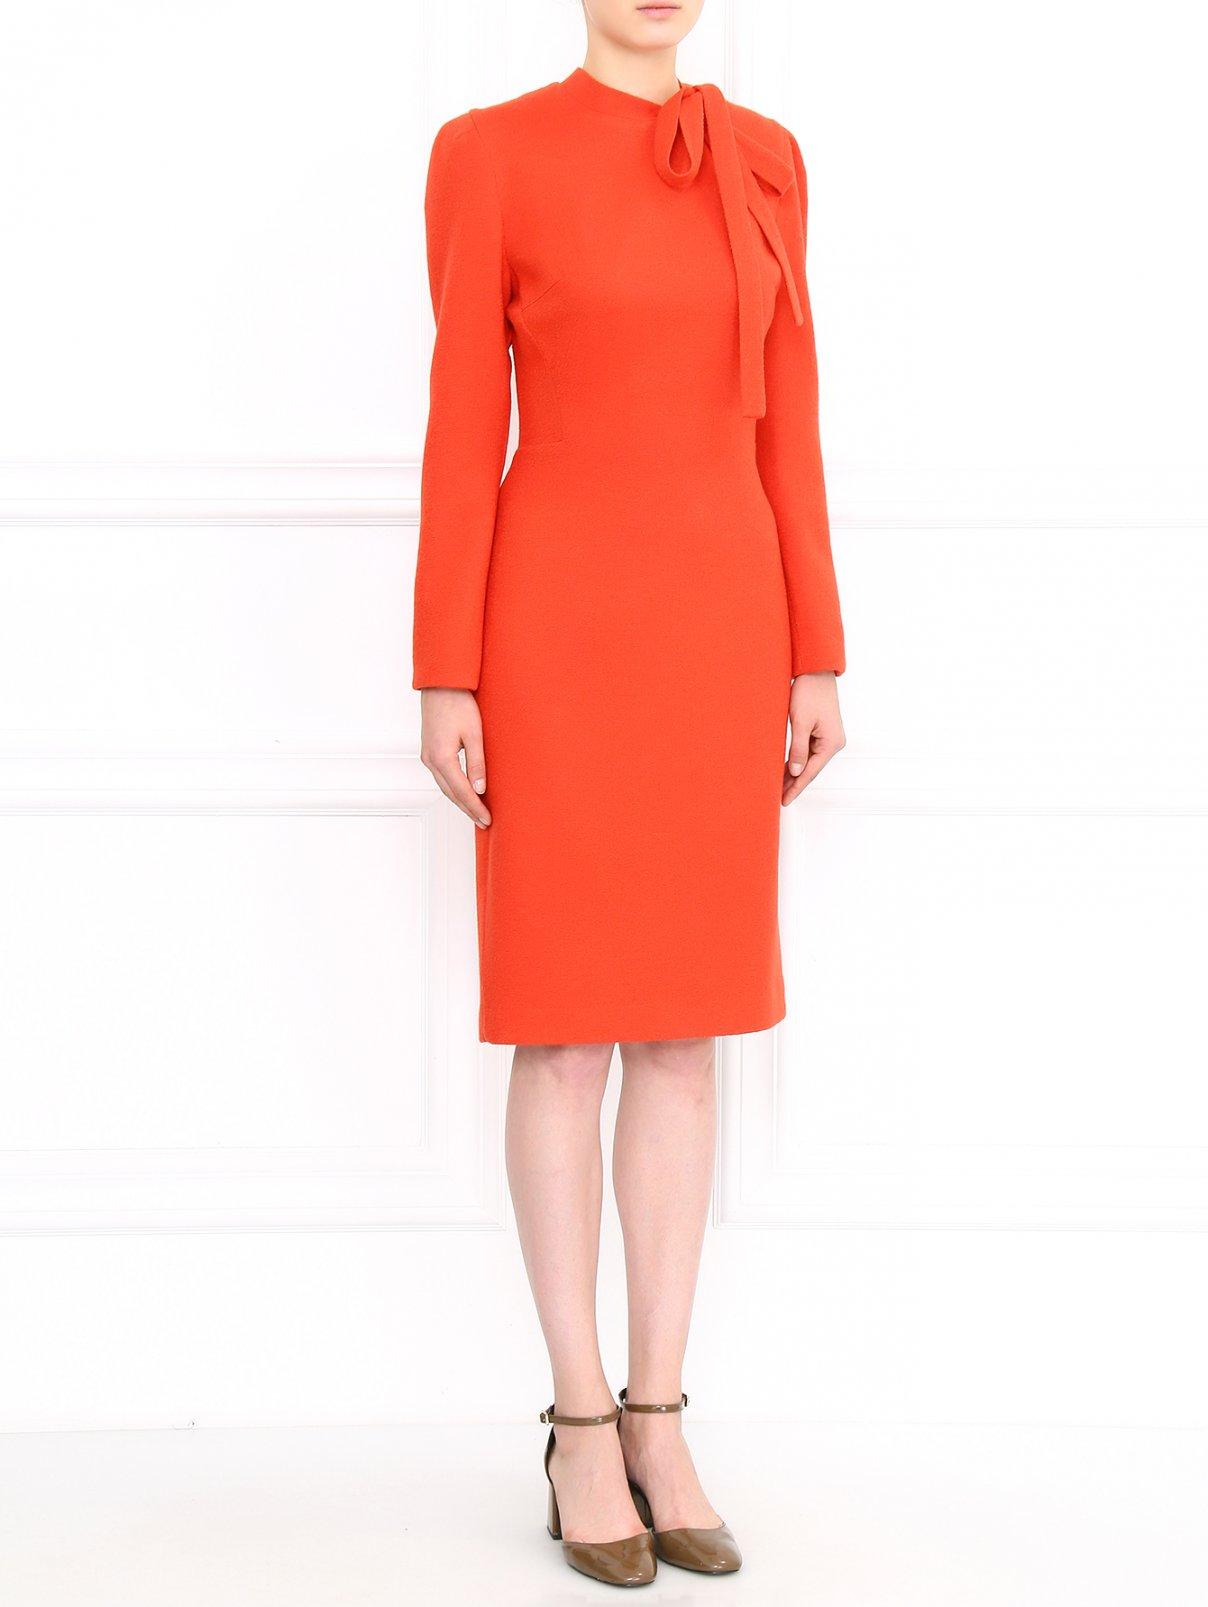 Платье-футляр из шерсти шелка и кашемира Ermanno Scervino  –  Модель Общий вид